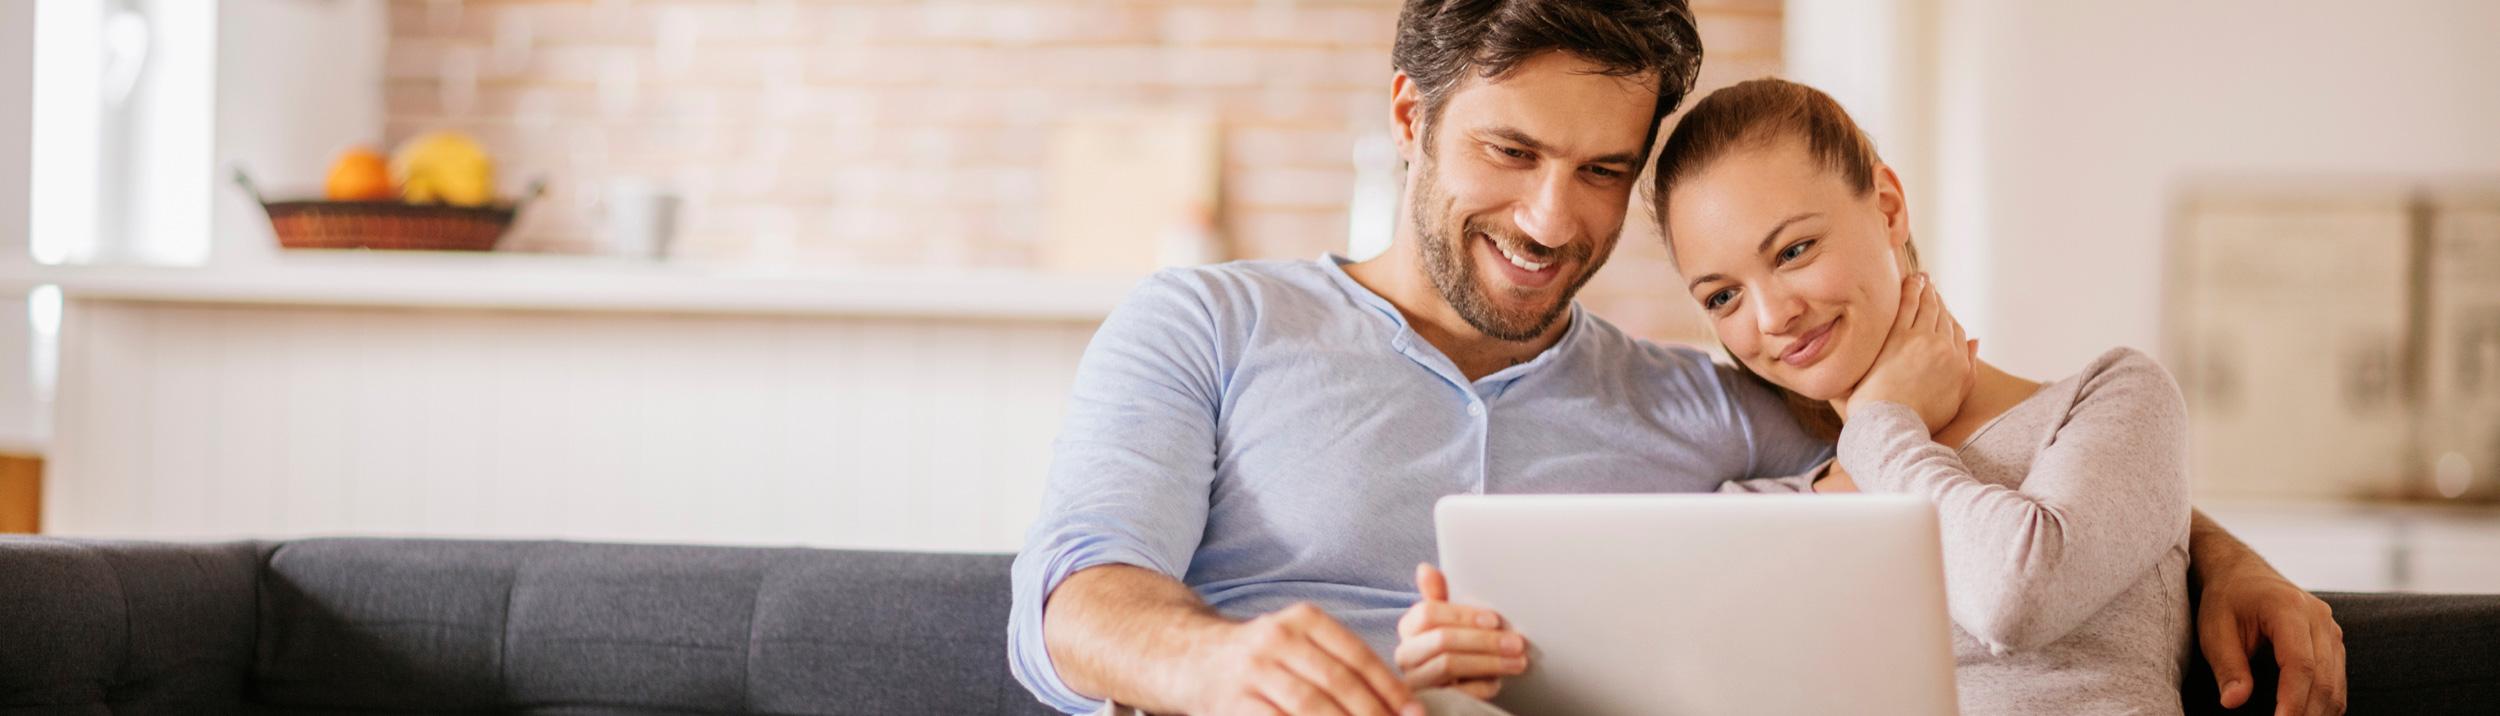 Ein Paar schaut auf den Laptop und lächelt. Die Firma Haesler AG plant Ihre Heizung oder Lüftung und bietet Ihnen einen kompetenten Service.